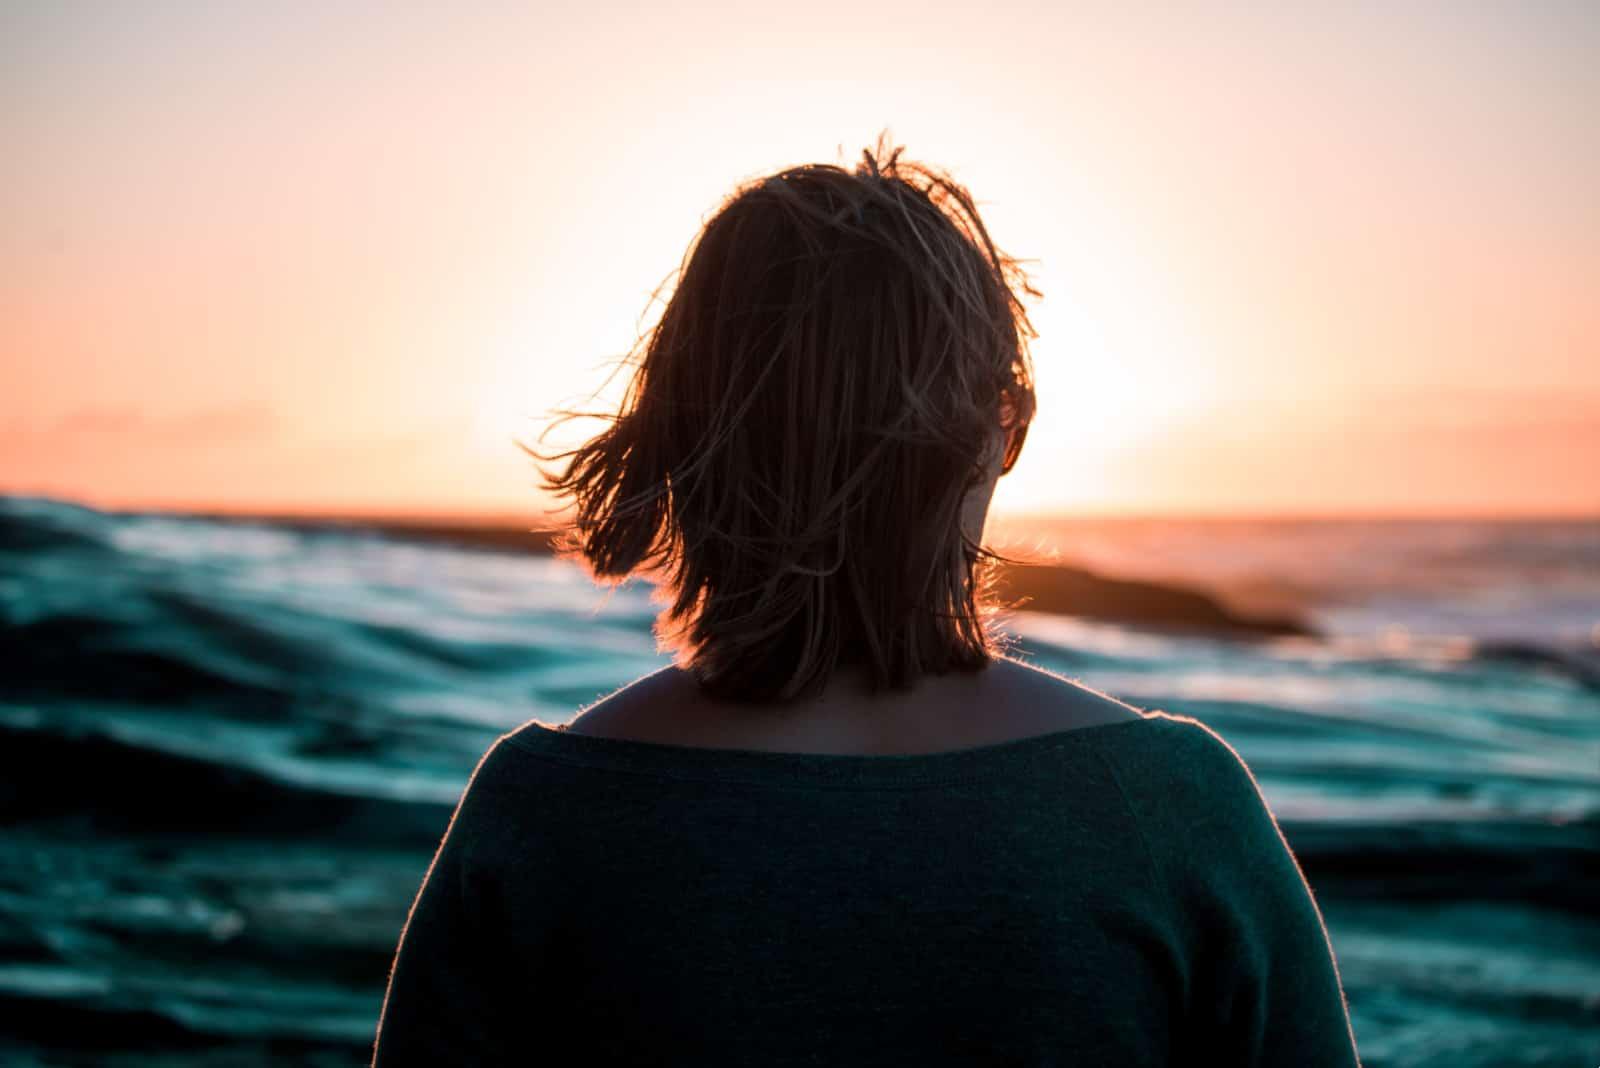 femme regardant la mer pendant le coucher du soleil